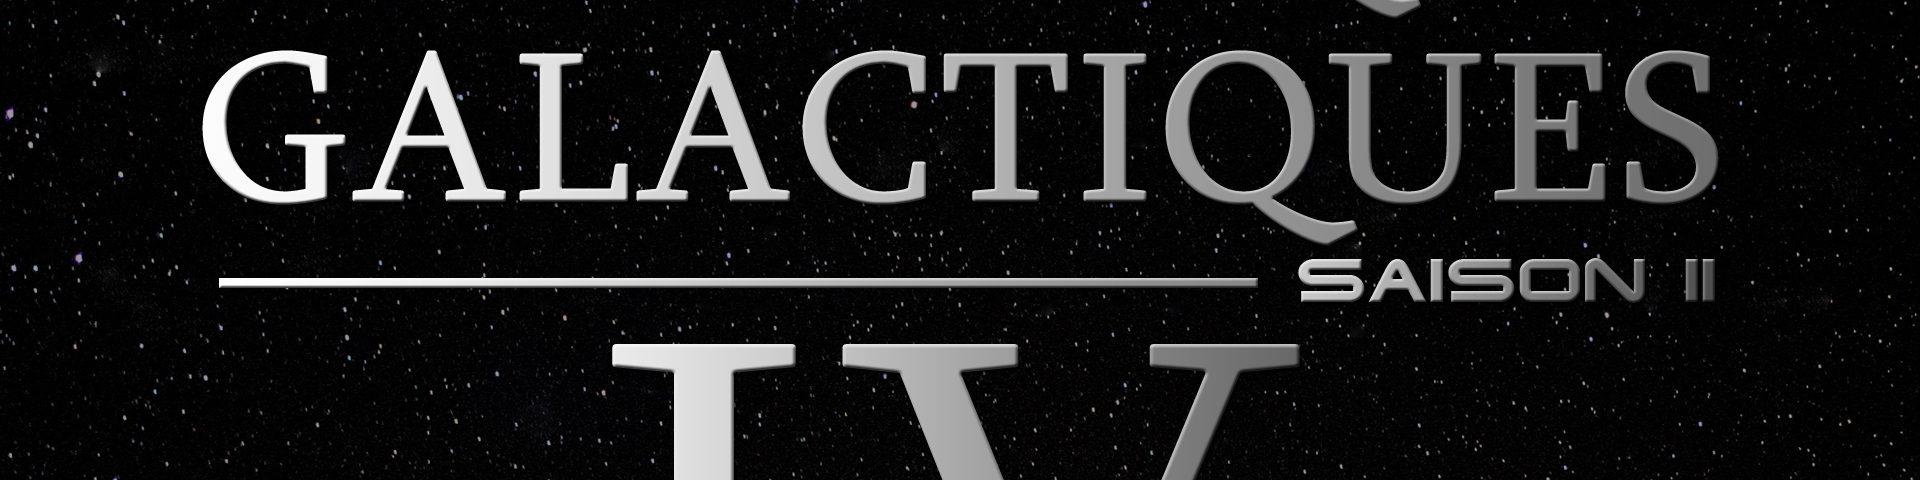 Les Chroniques Galactiques, saison 2 épisode 4